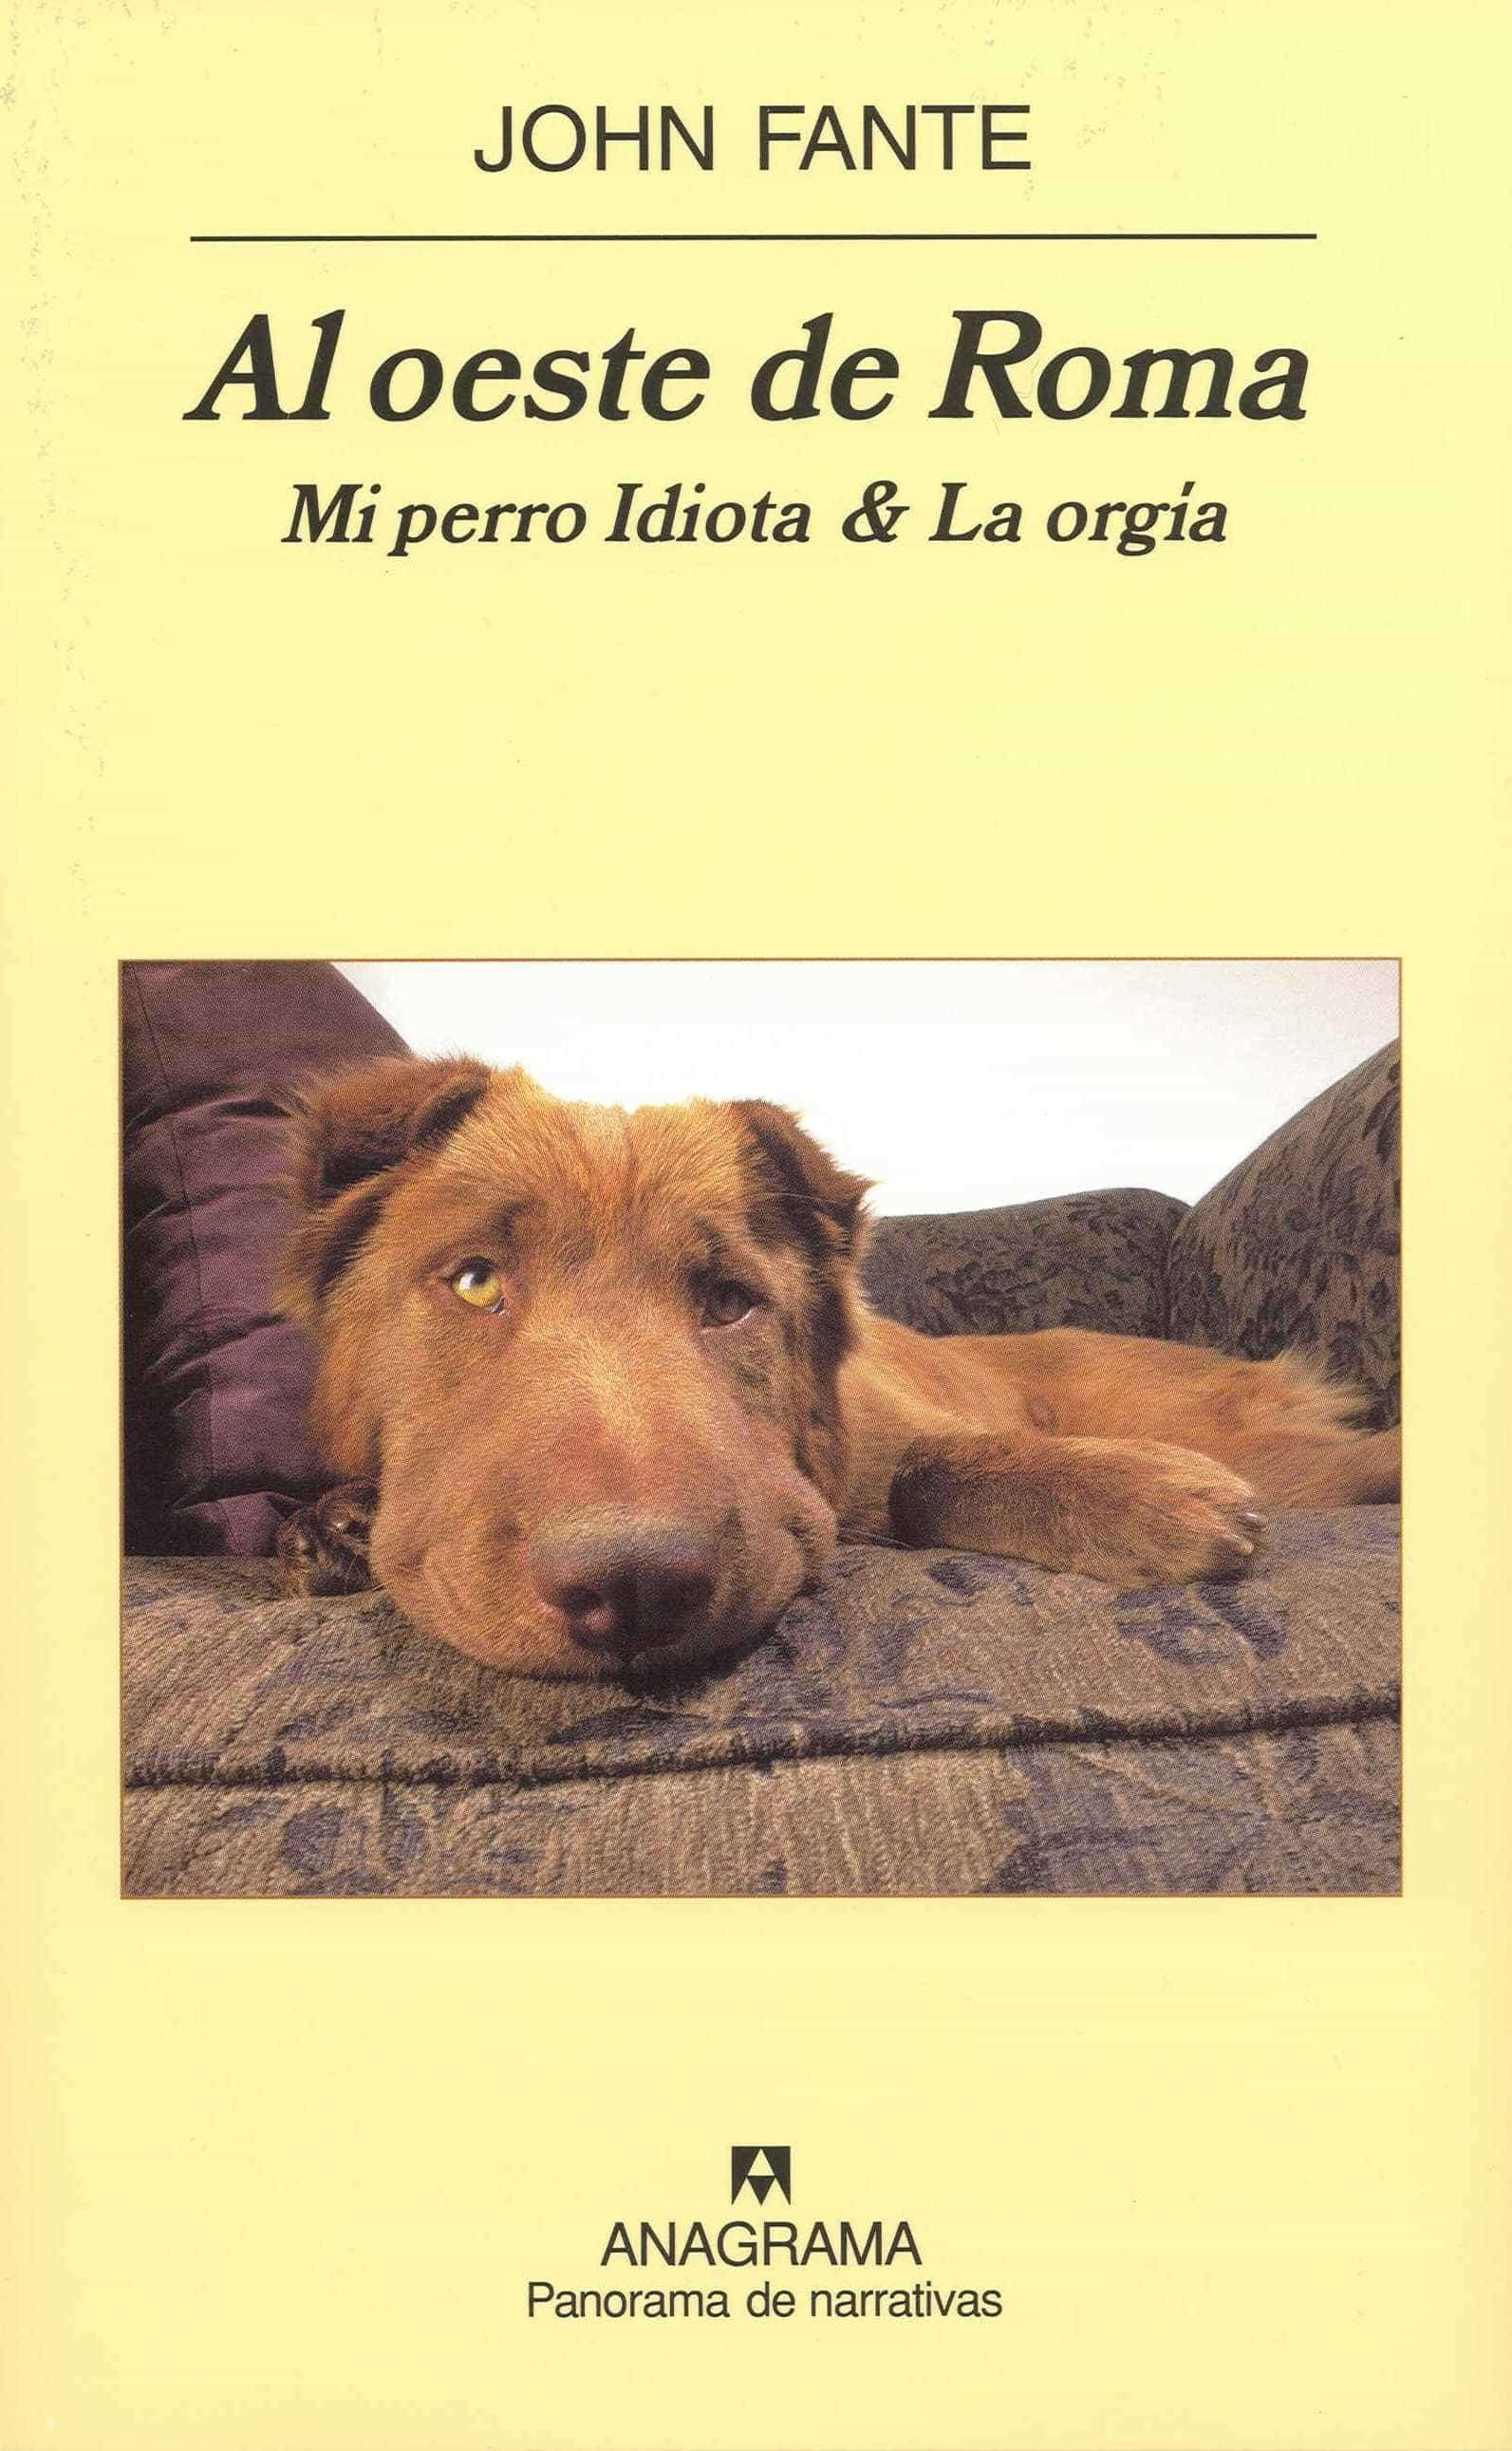 Al Oeste De Roma. La Orgia & Mi Perro Idiota por John Fante